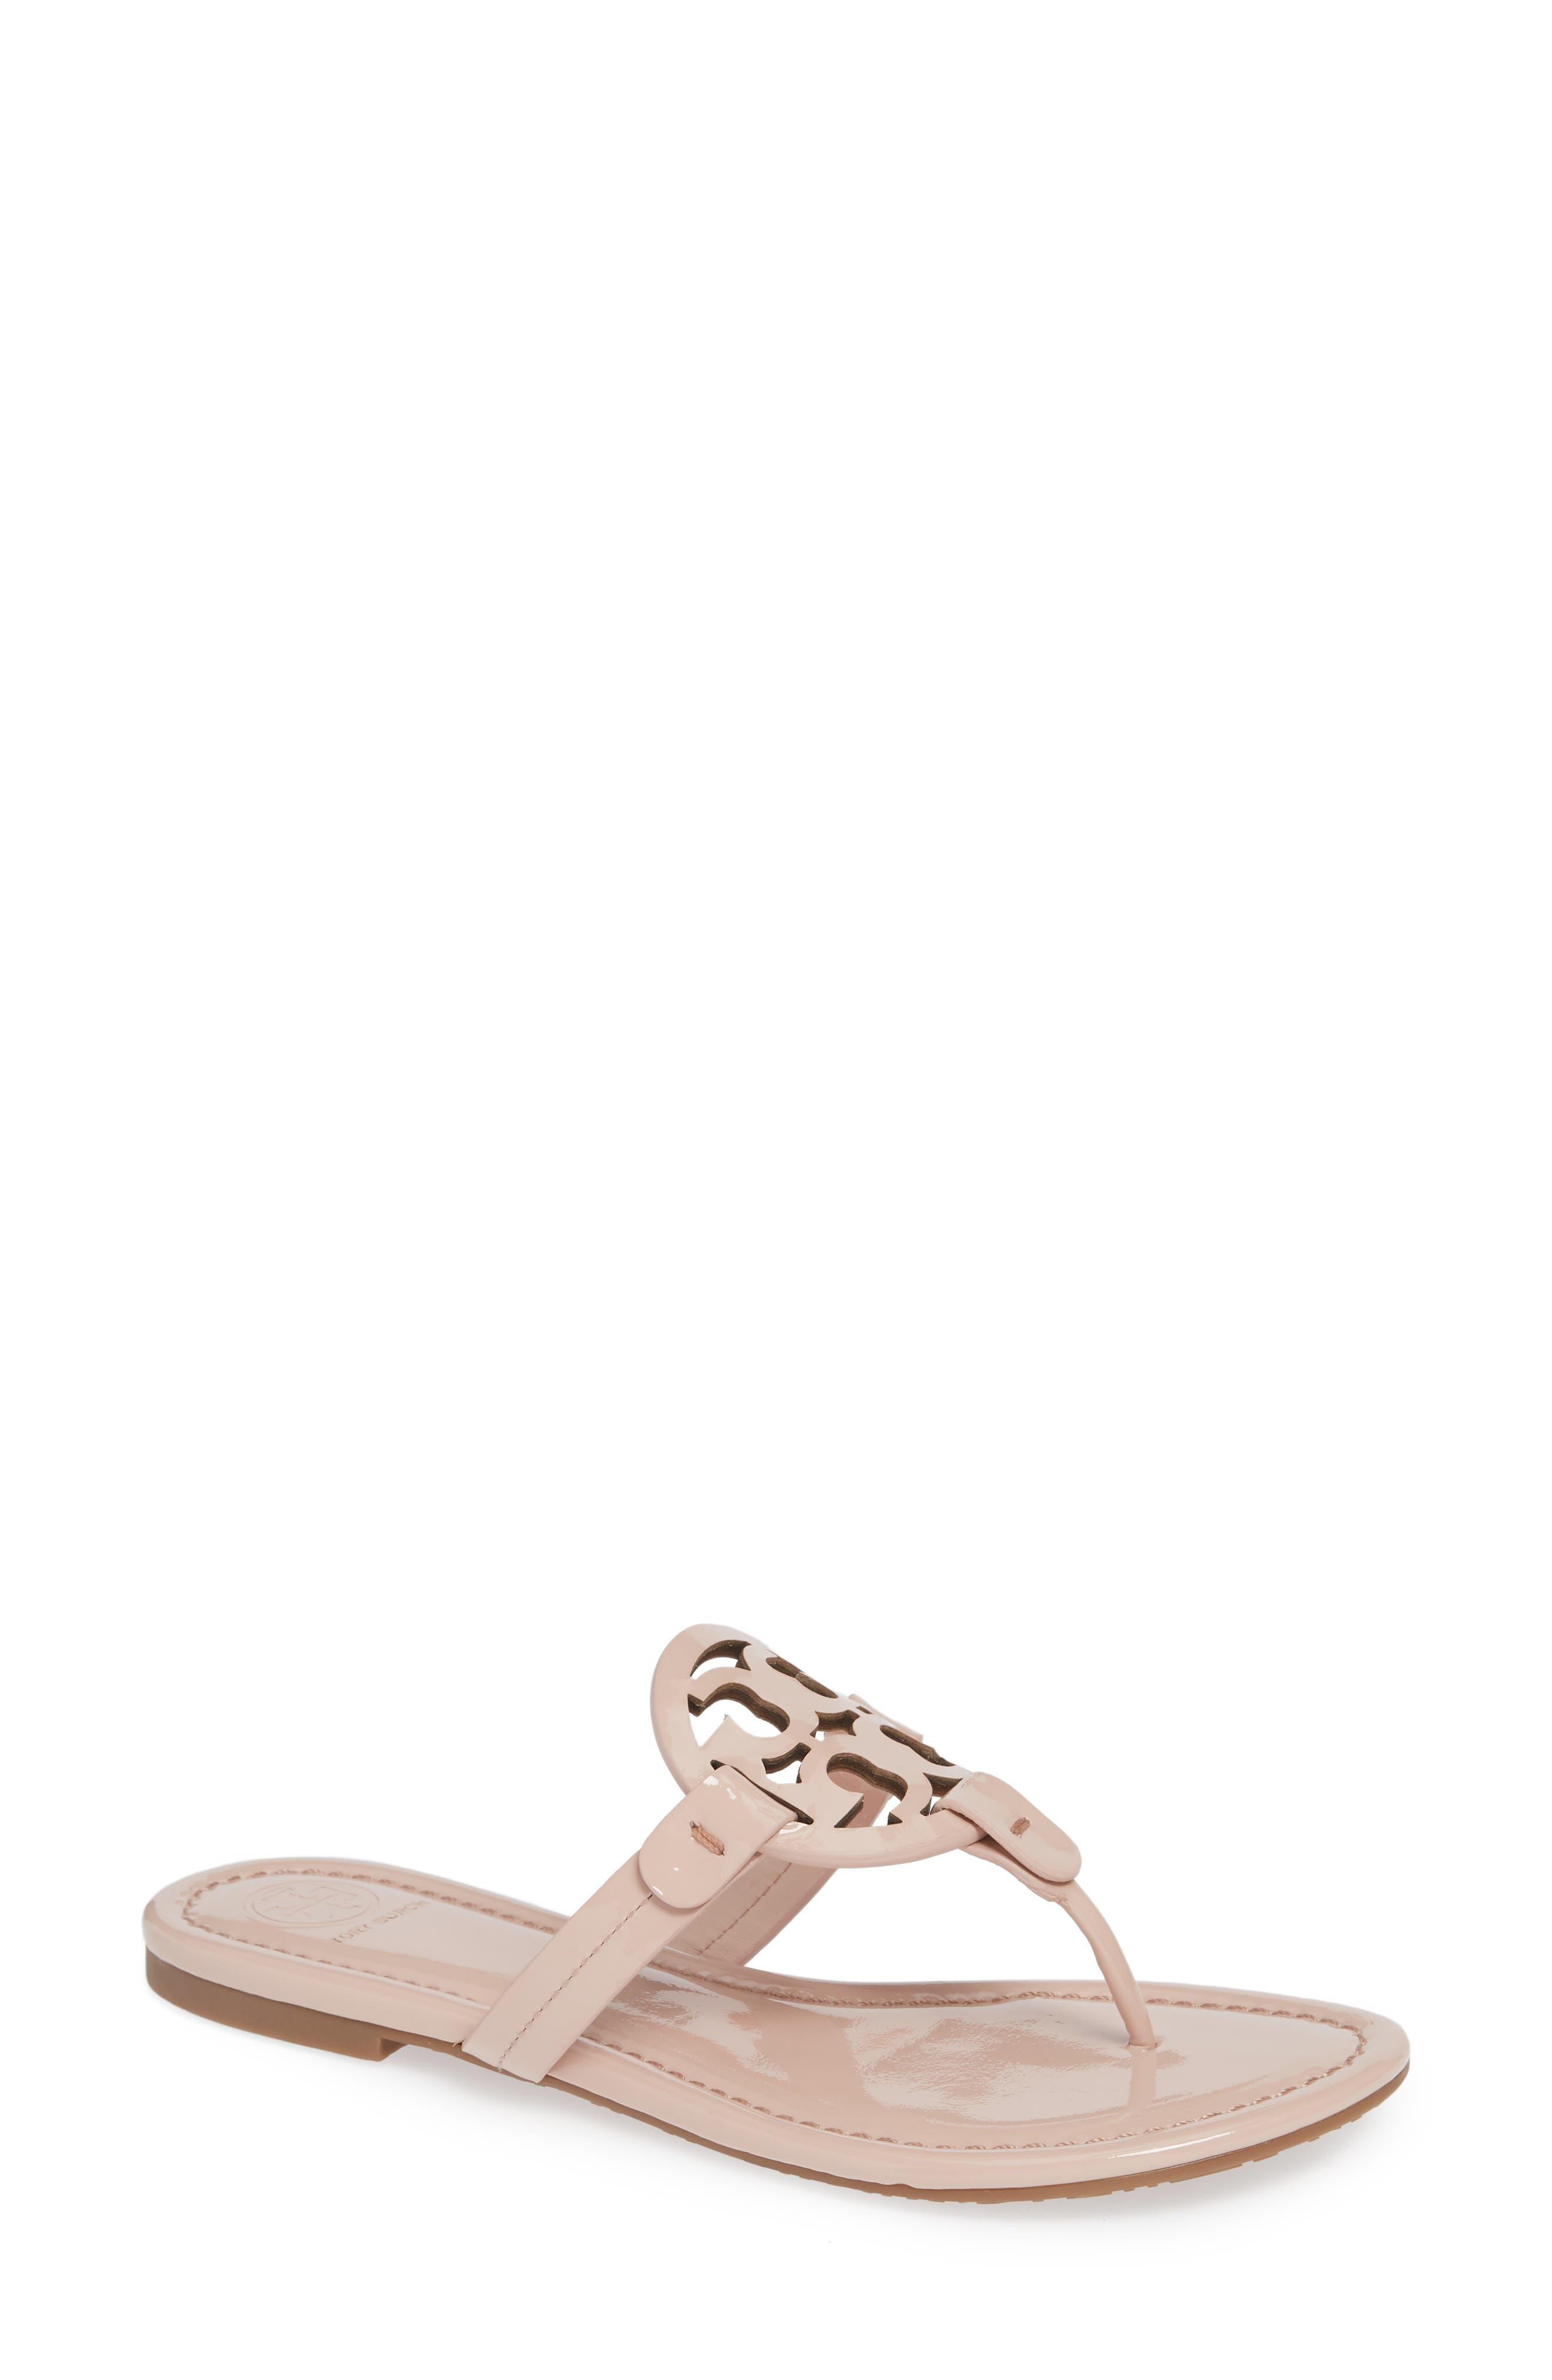 Tory Burch Miller Flip Flop, Pink